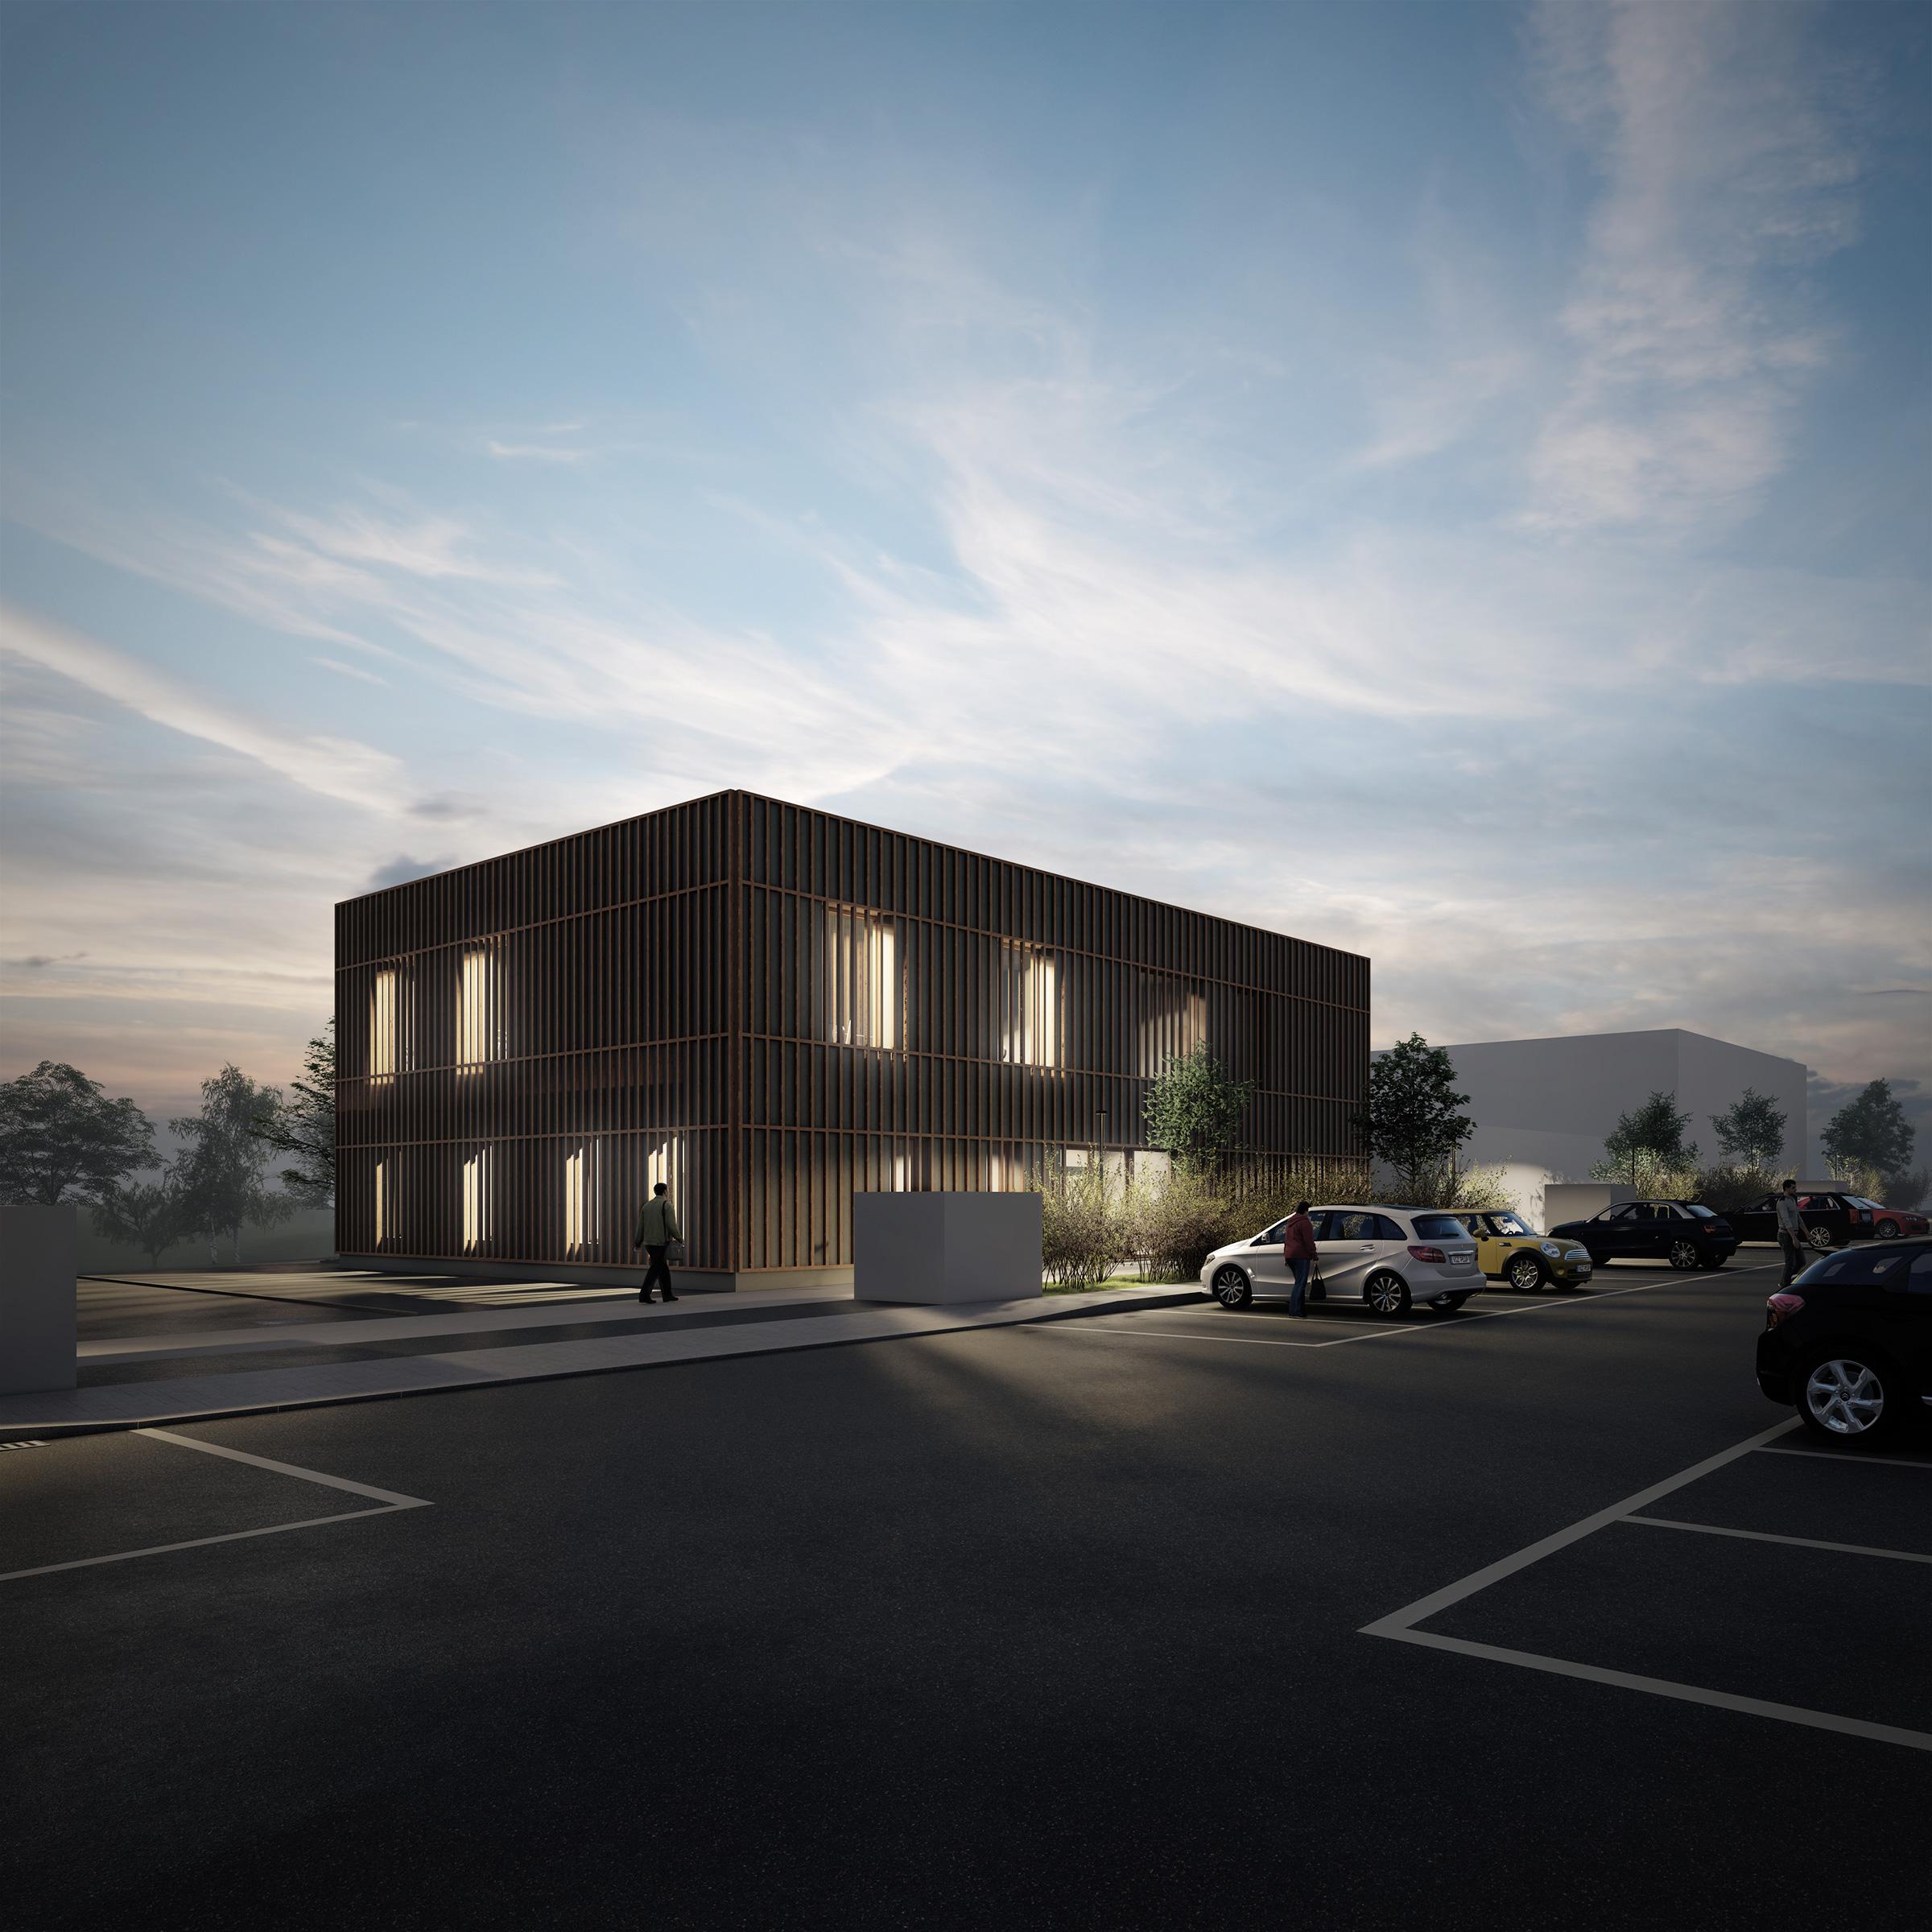 centre paramédical et fitness - bâtiment d'activités - vue de nuit du projet d'architecture